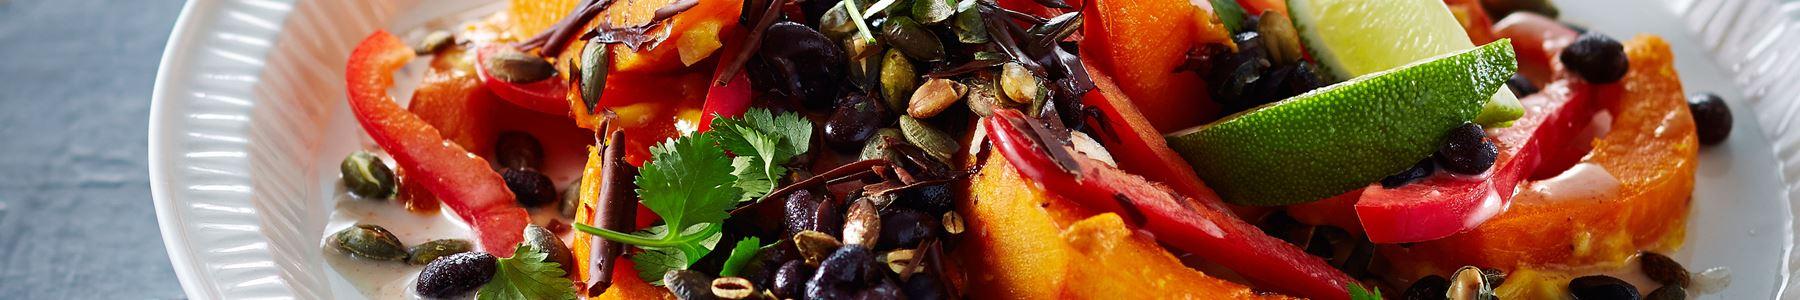 Chokolade + Vegetar + Efterår